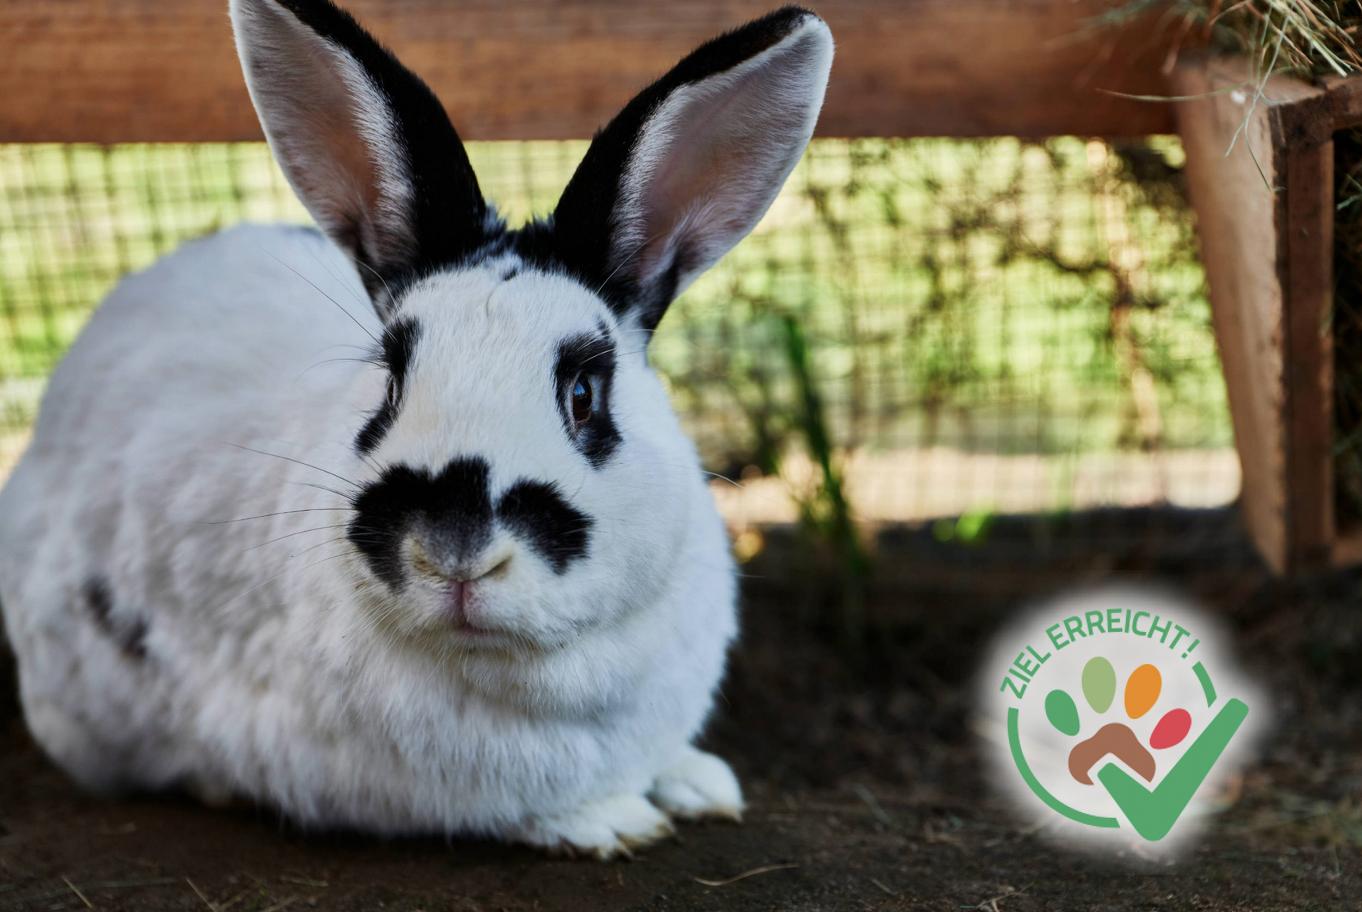 Impftermin der Kaninchen